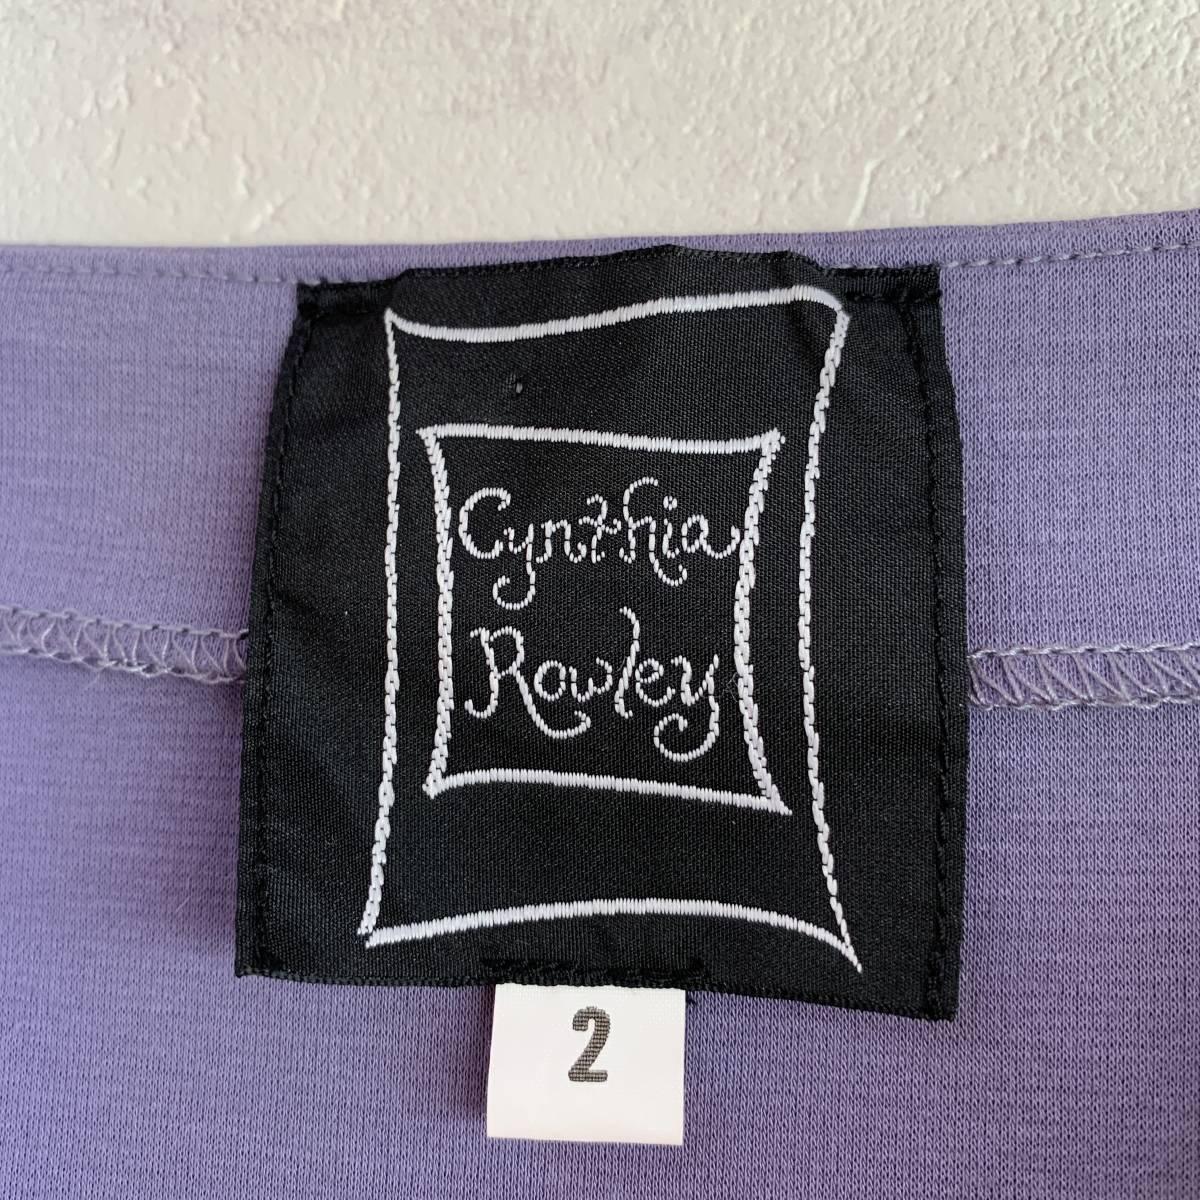 シンシアローリー Cynthia Rowley サイズ 2 ☆ 日本製 コットン100% 肩リボン ☆ 可愛い ワンピース / パープル_画像3